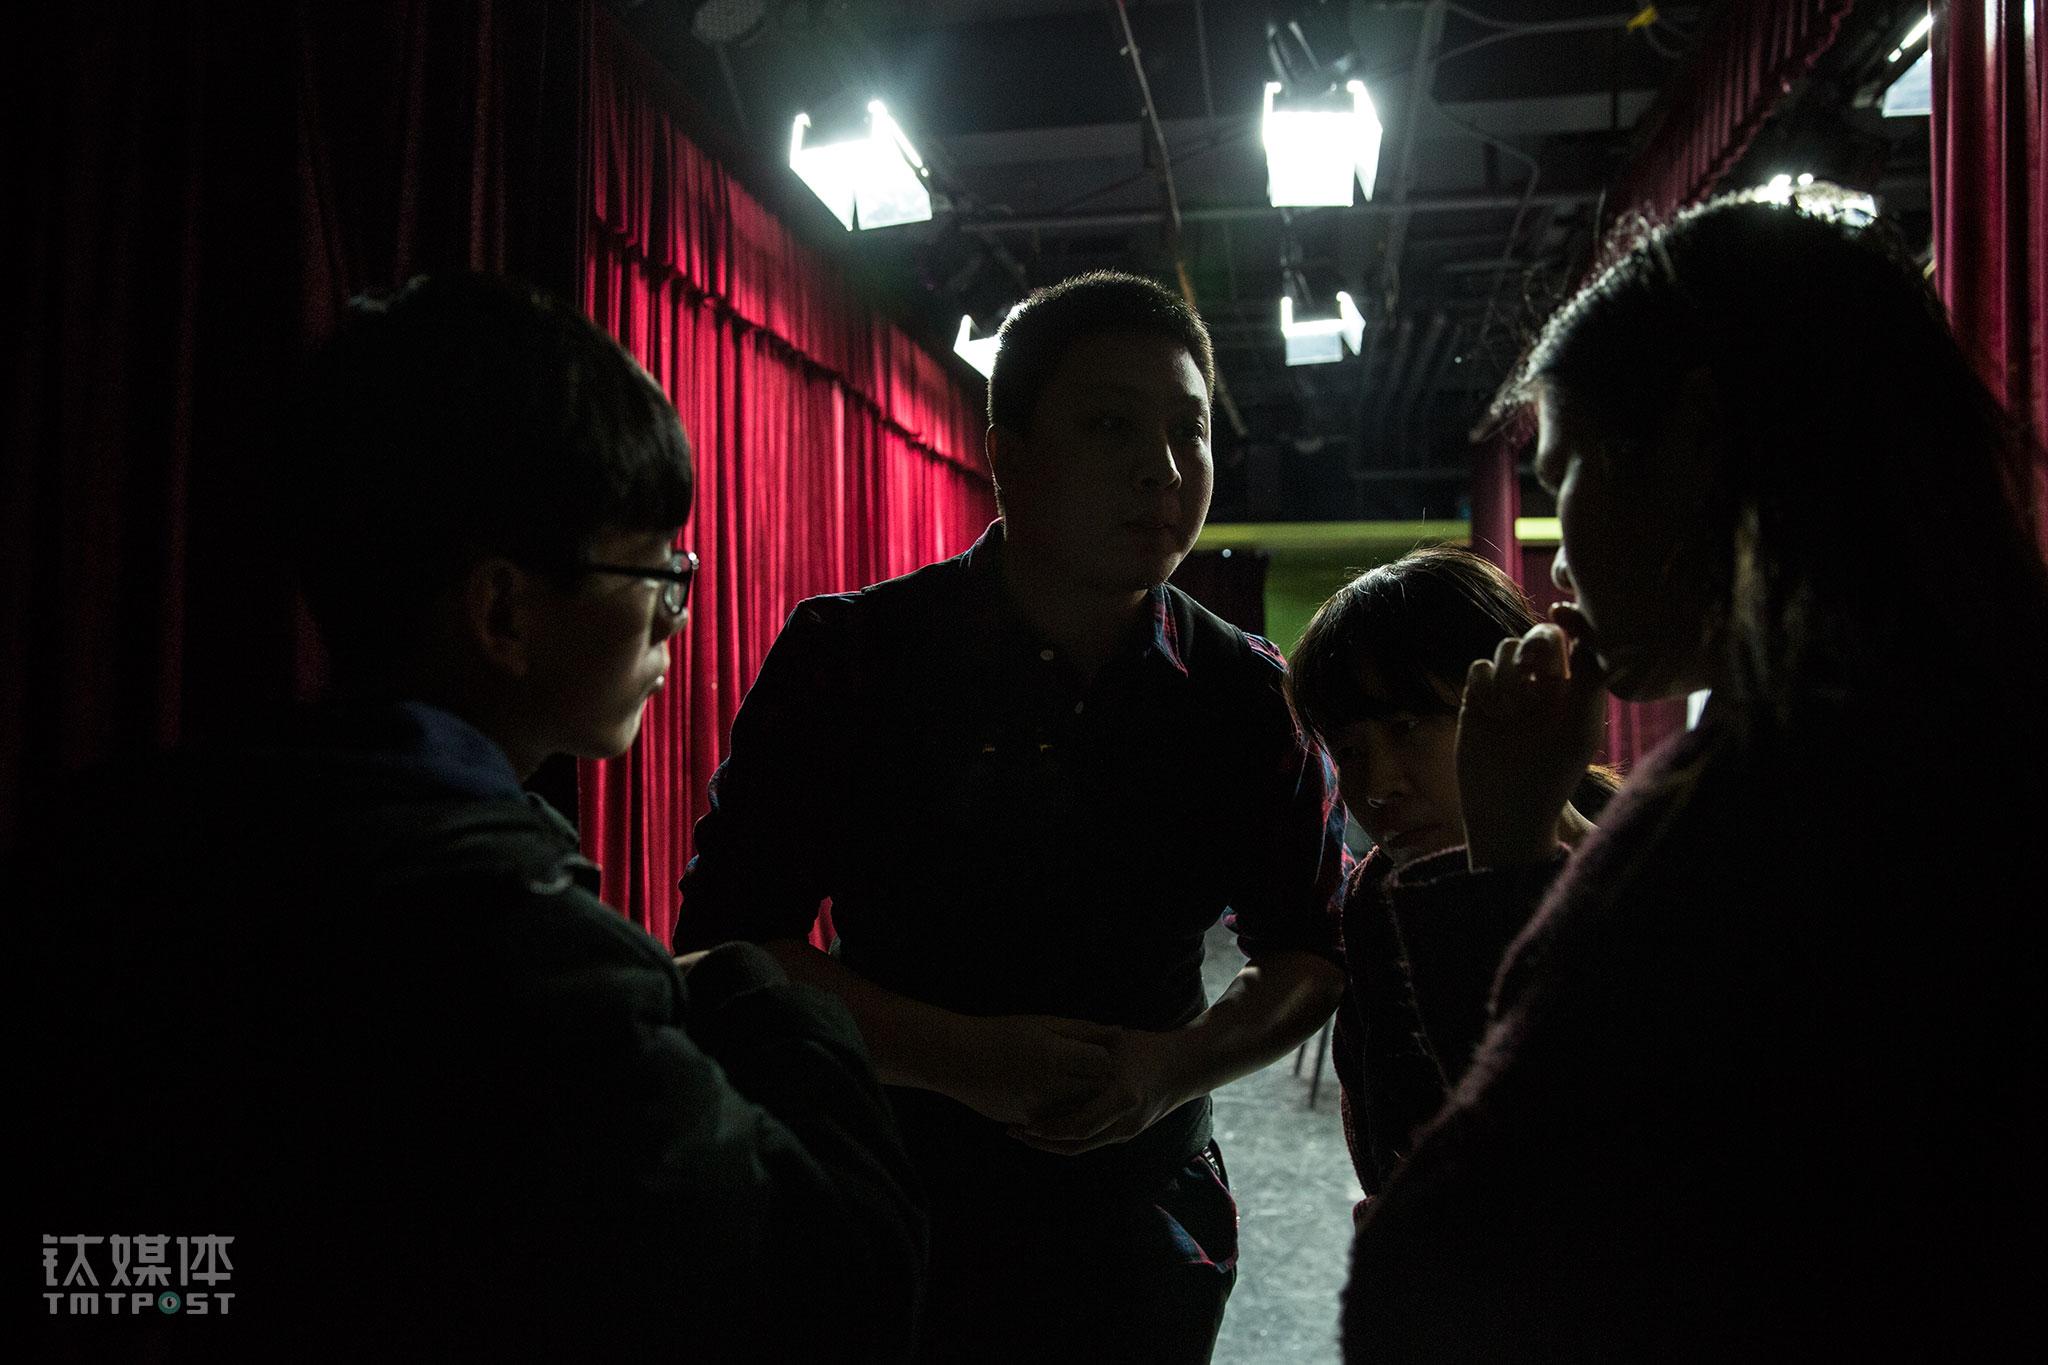 看着台上的即兴表演,宋怡辰对大家的状态不是很满意,他来到幕布后,指导演员们设计故事。2015年创办辰星剧社,宋怡辰租下了背景一家影院的观影厅,并将之装修改造成了剧场。两年时间,剧社的合作演员走了几拨,宋怡辰作为班主坚持了下来,招募到目前的班底。